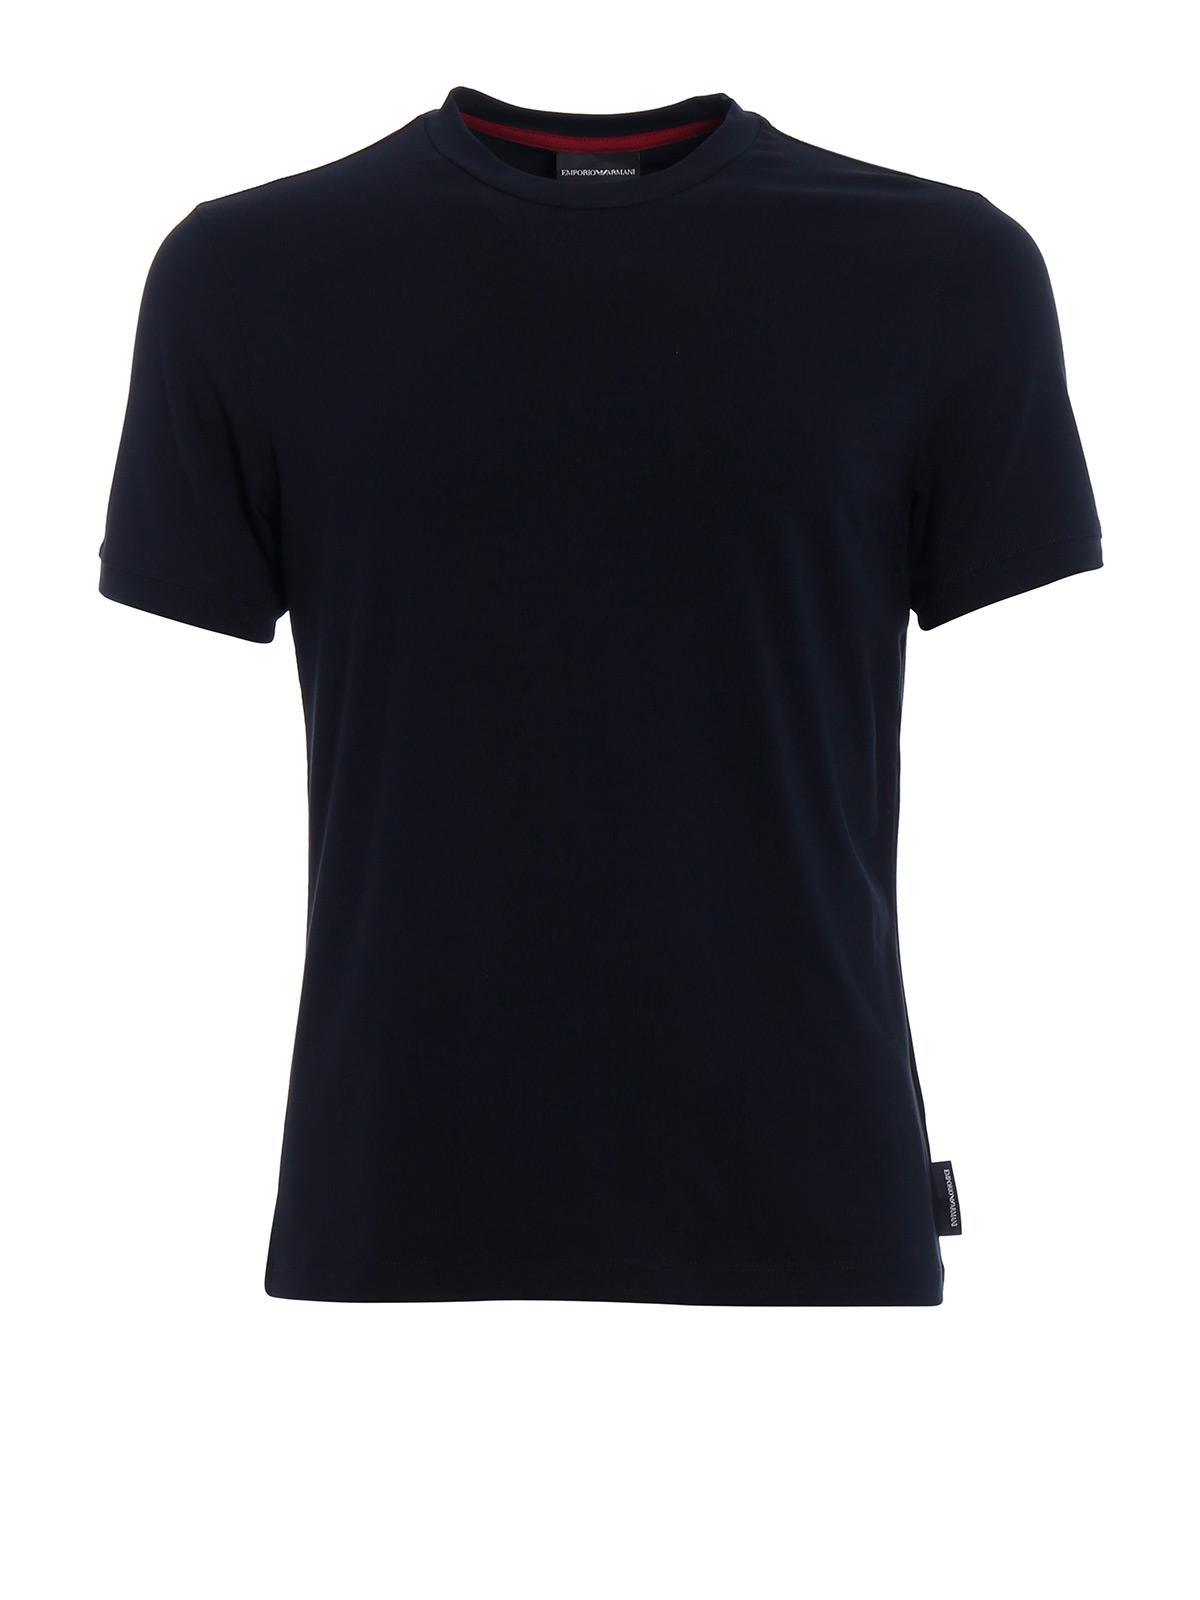 Immagine di EMPORIO ARMANI | T-shirt Uomo Elasticizzata